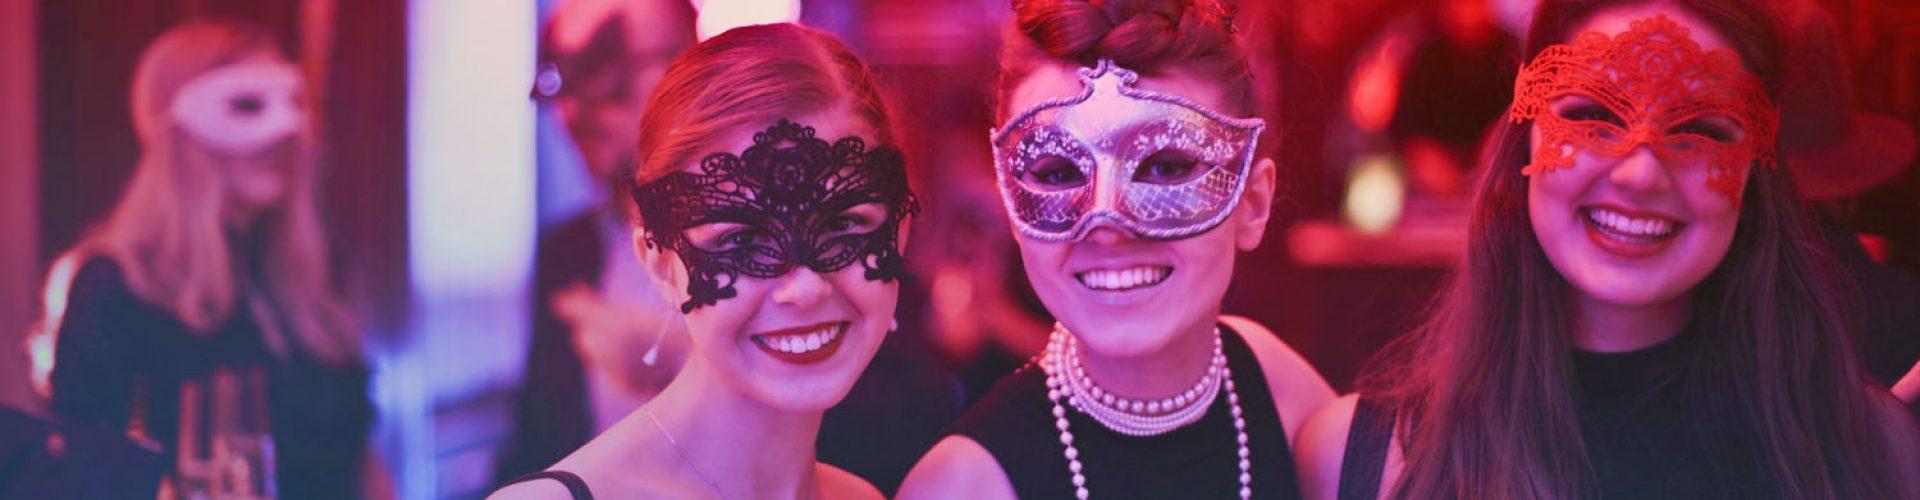 Frauen-mit-Masken